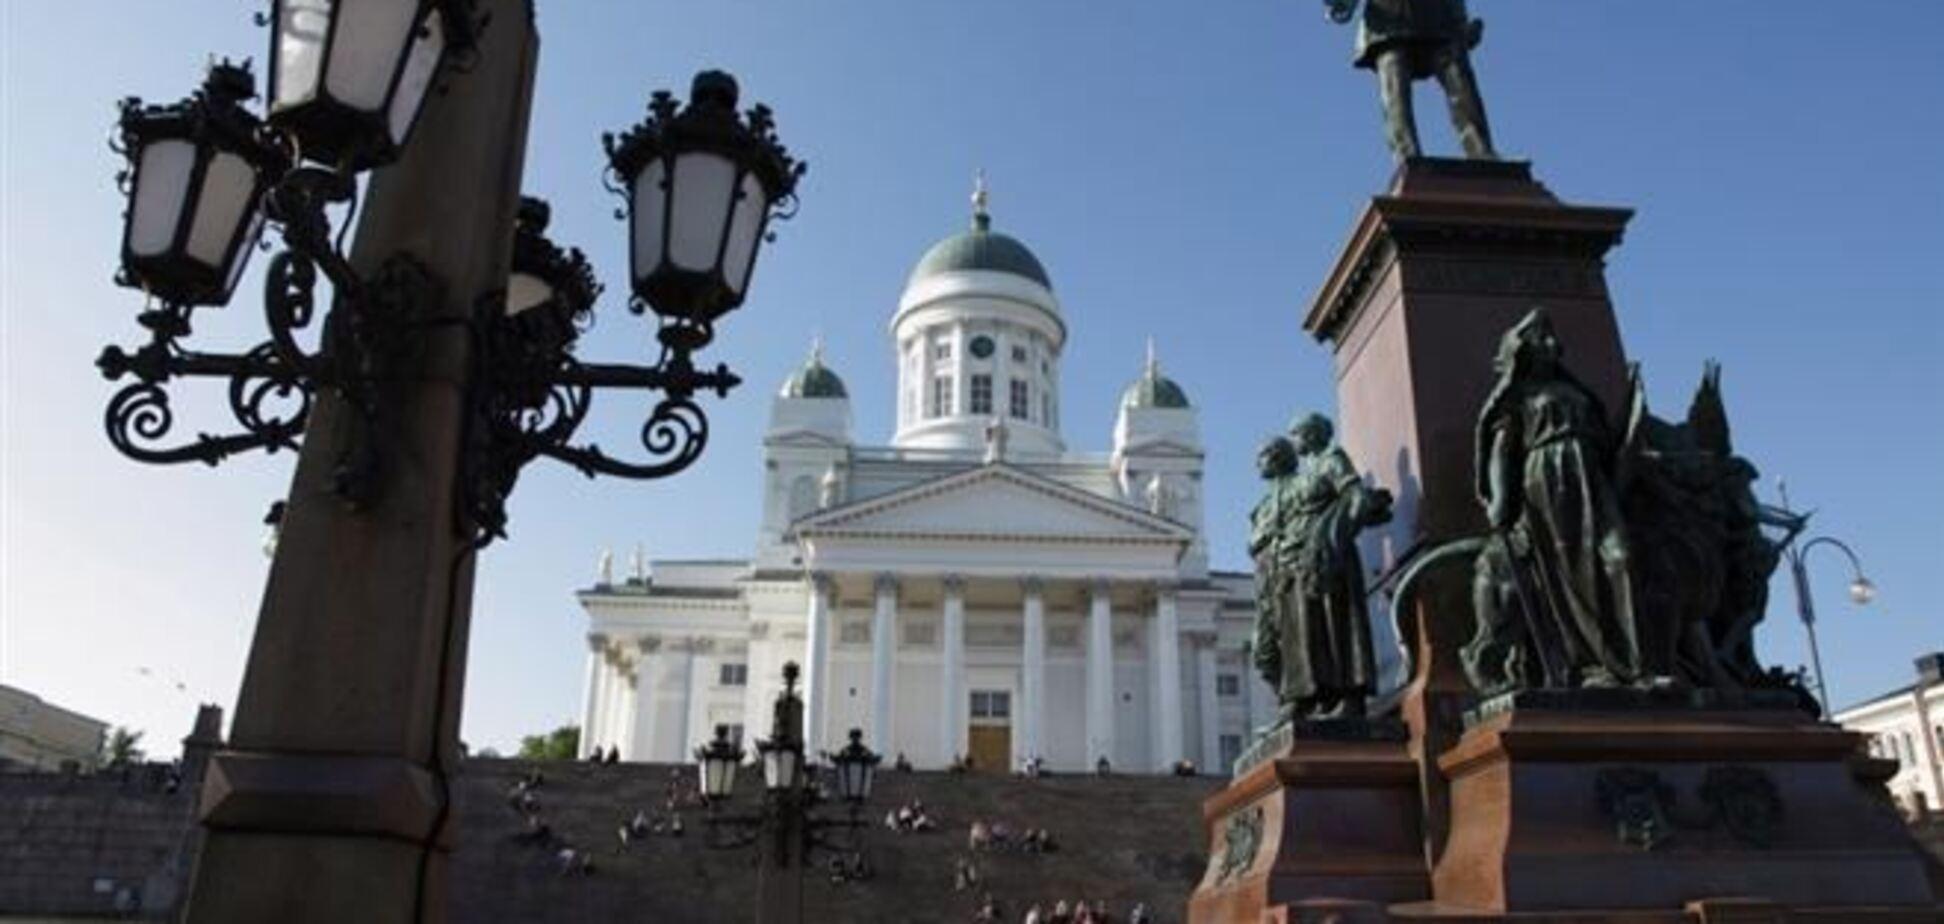 Экономика Финляндии слабеет, но цены на недвижимость стабилизируются